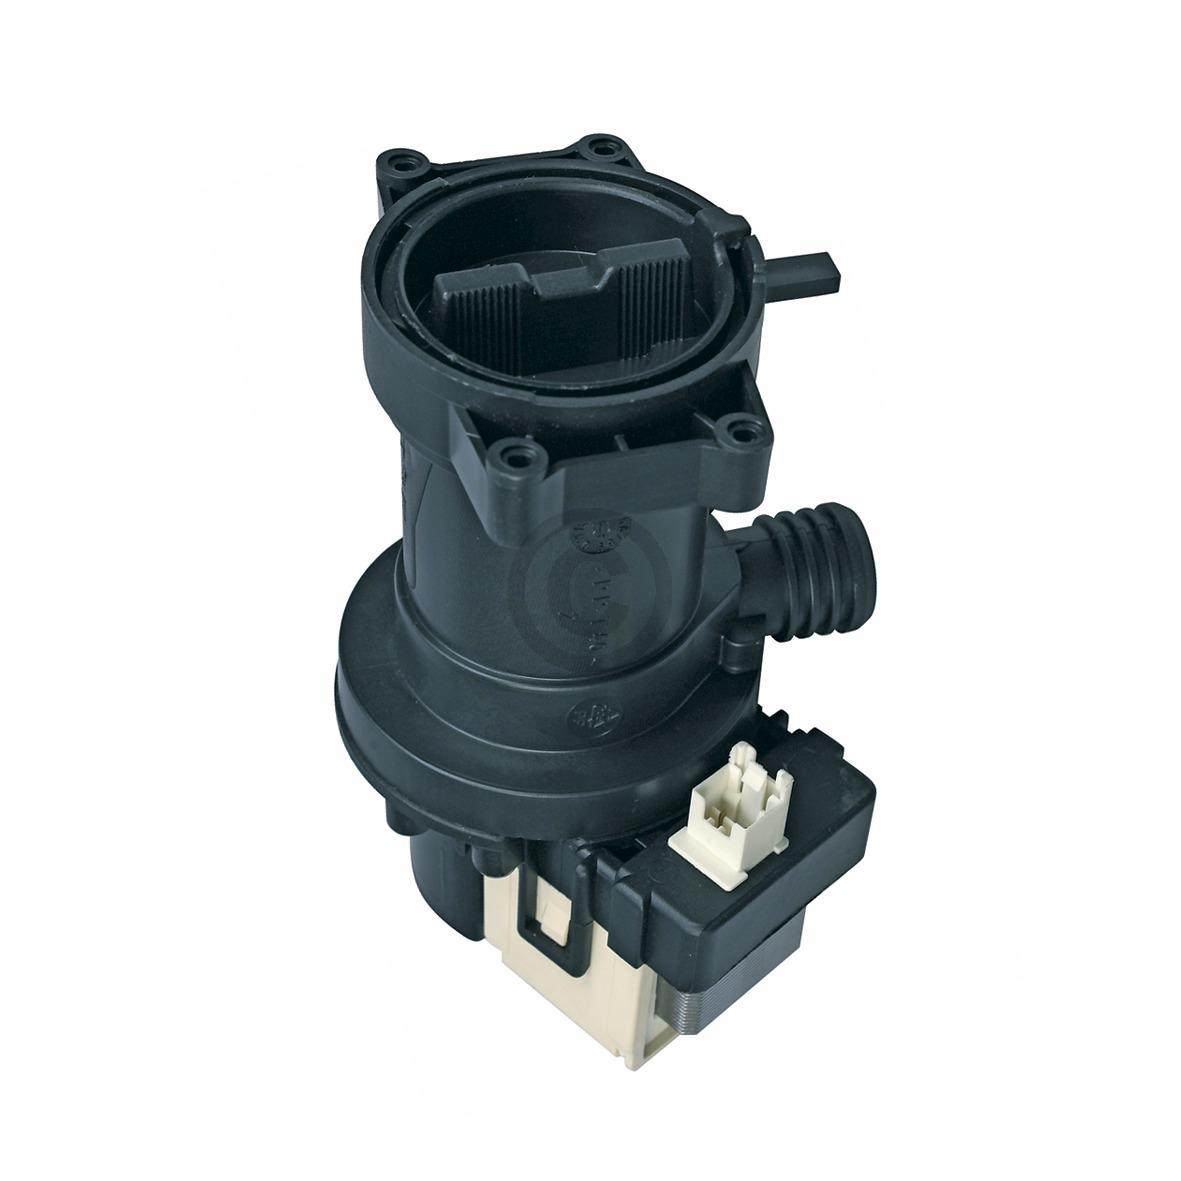 Ablaufpumpe wie Whirlpool 480111100786 461974644711 mit Pumpenkopf und Sieb